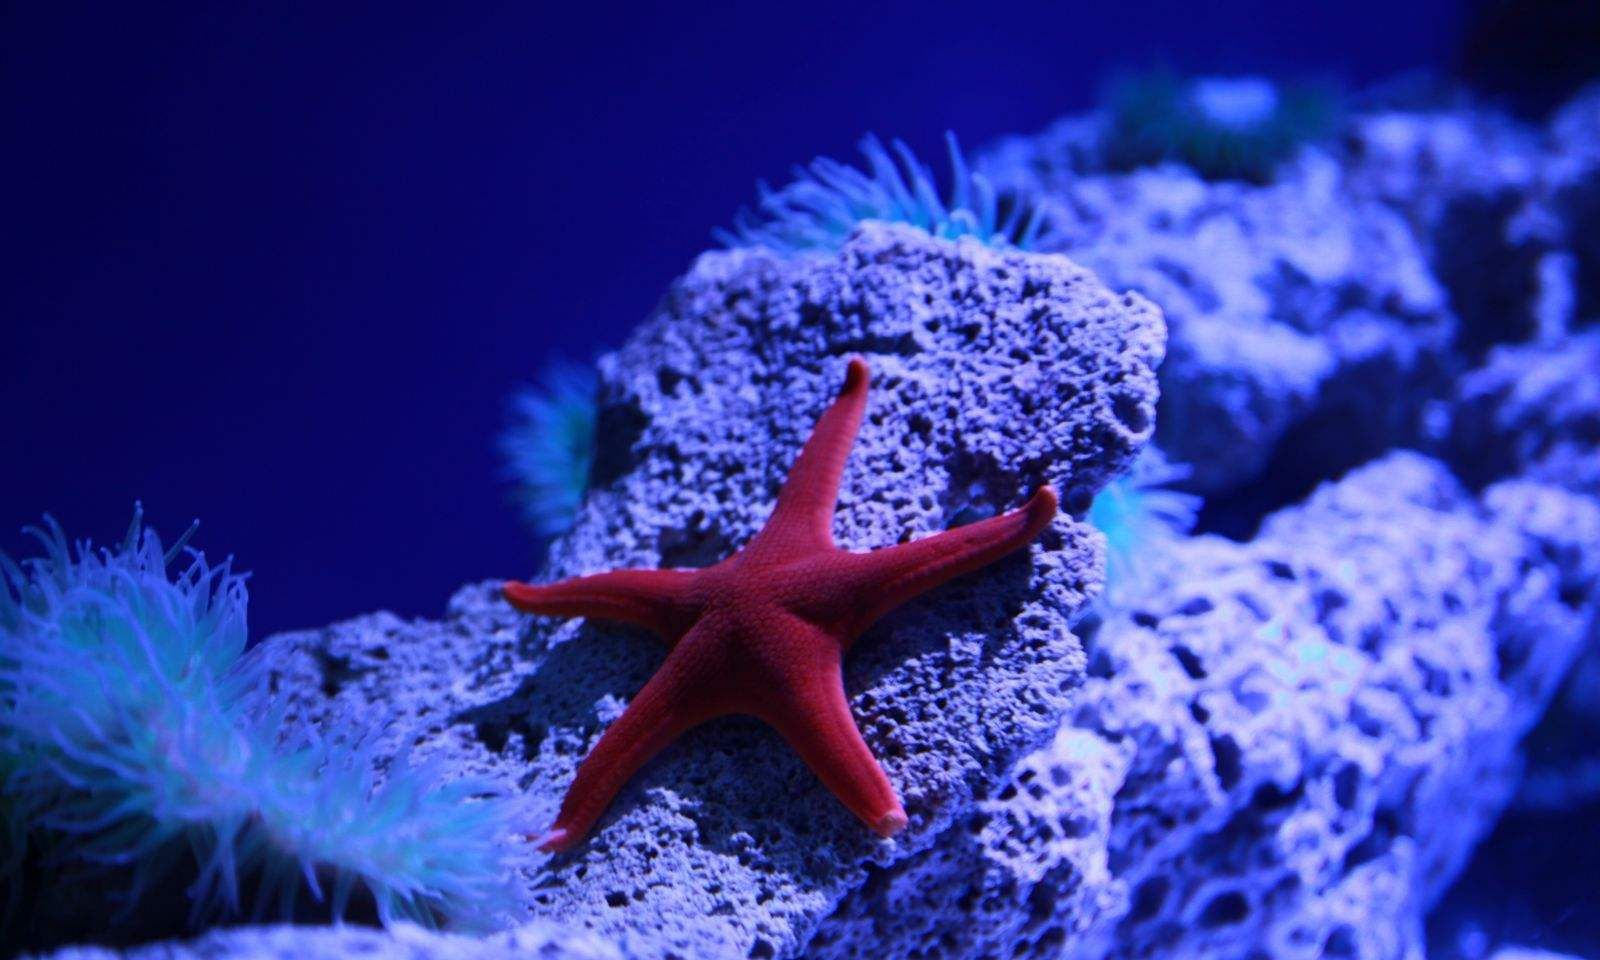 海底10000米,沒有陽光,那些動物都靠什么生存?圖片